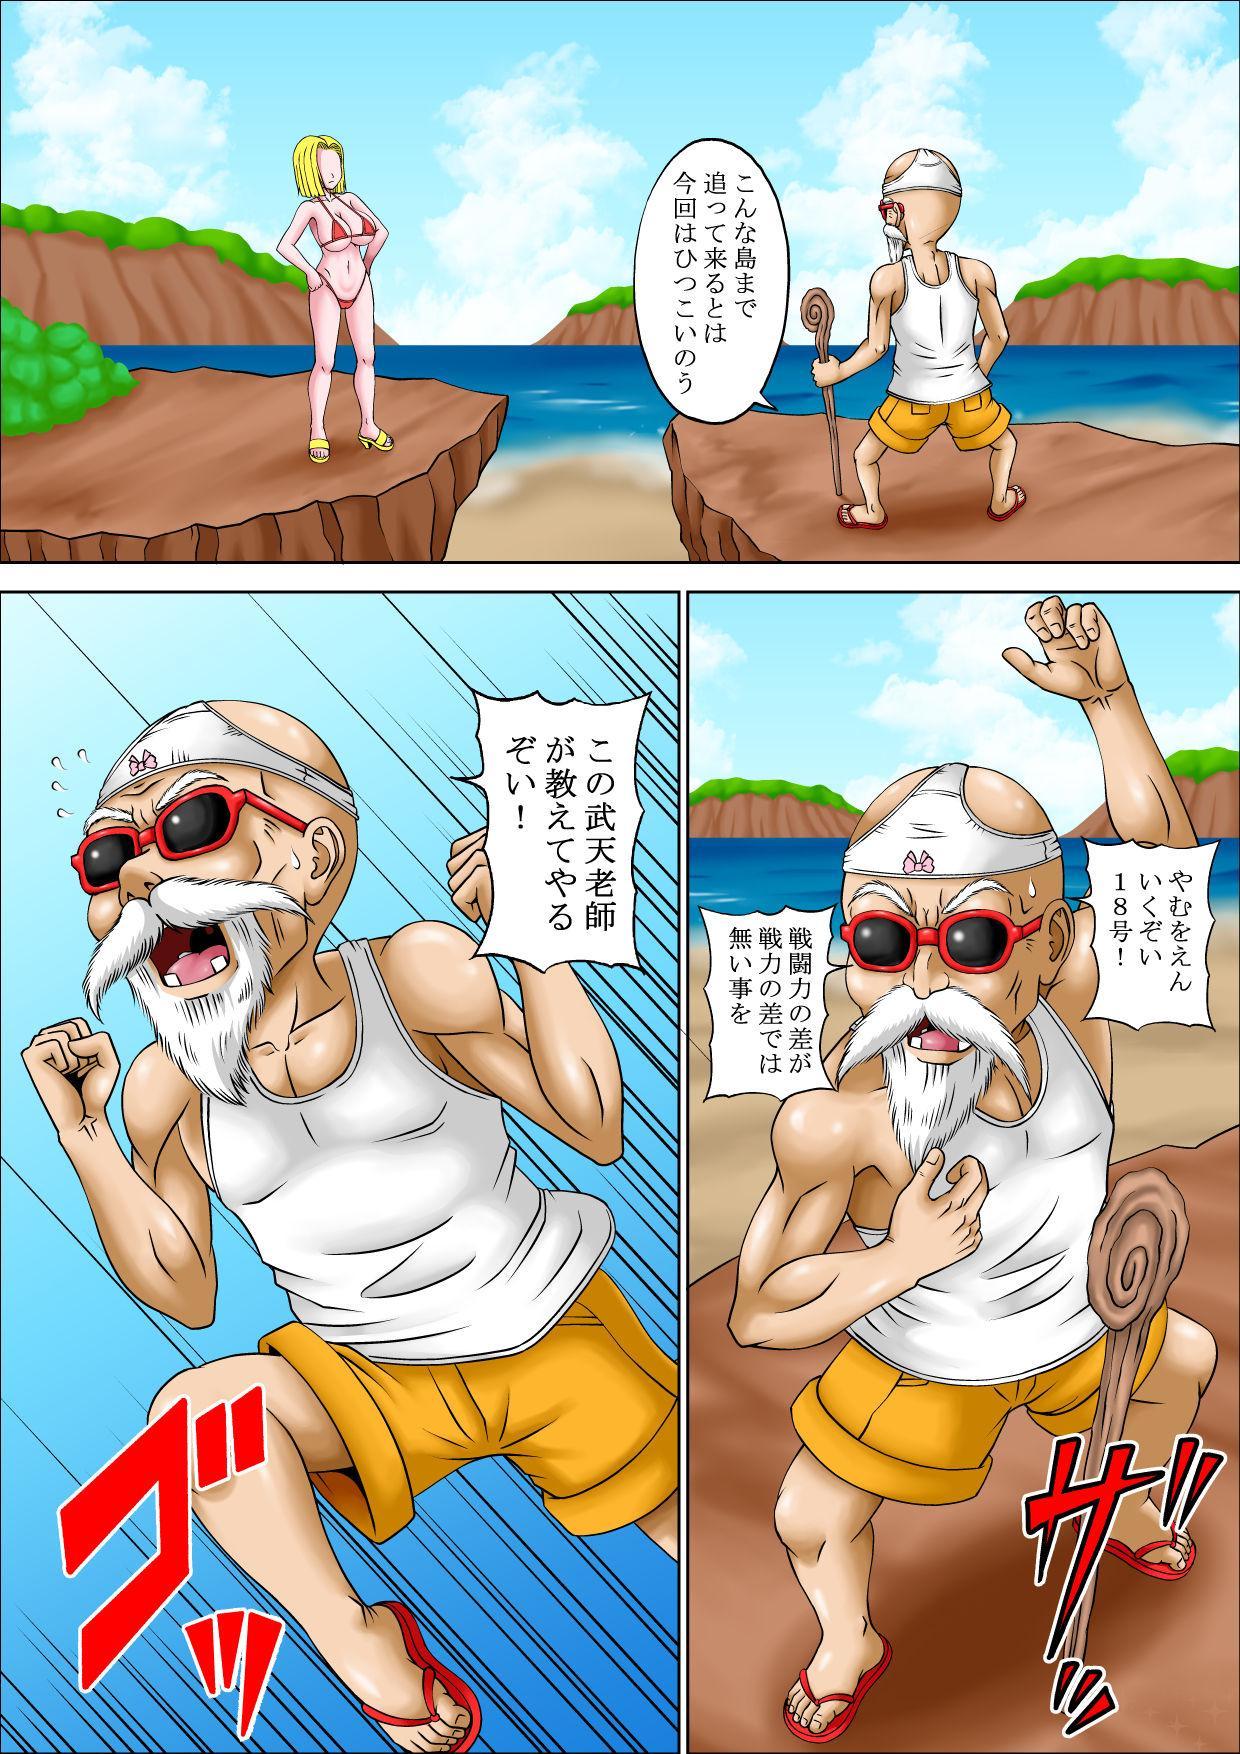 Kame Sennin no Gyaku Rape 2